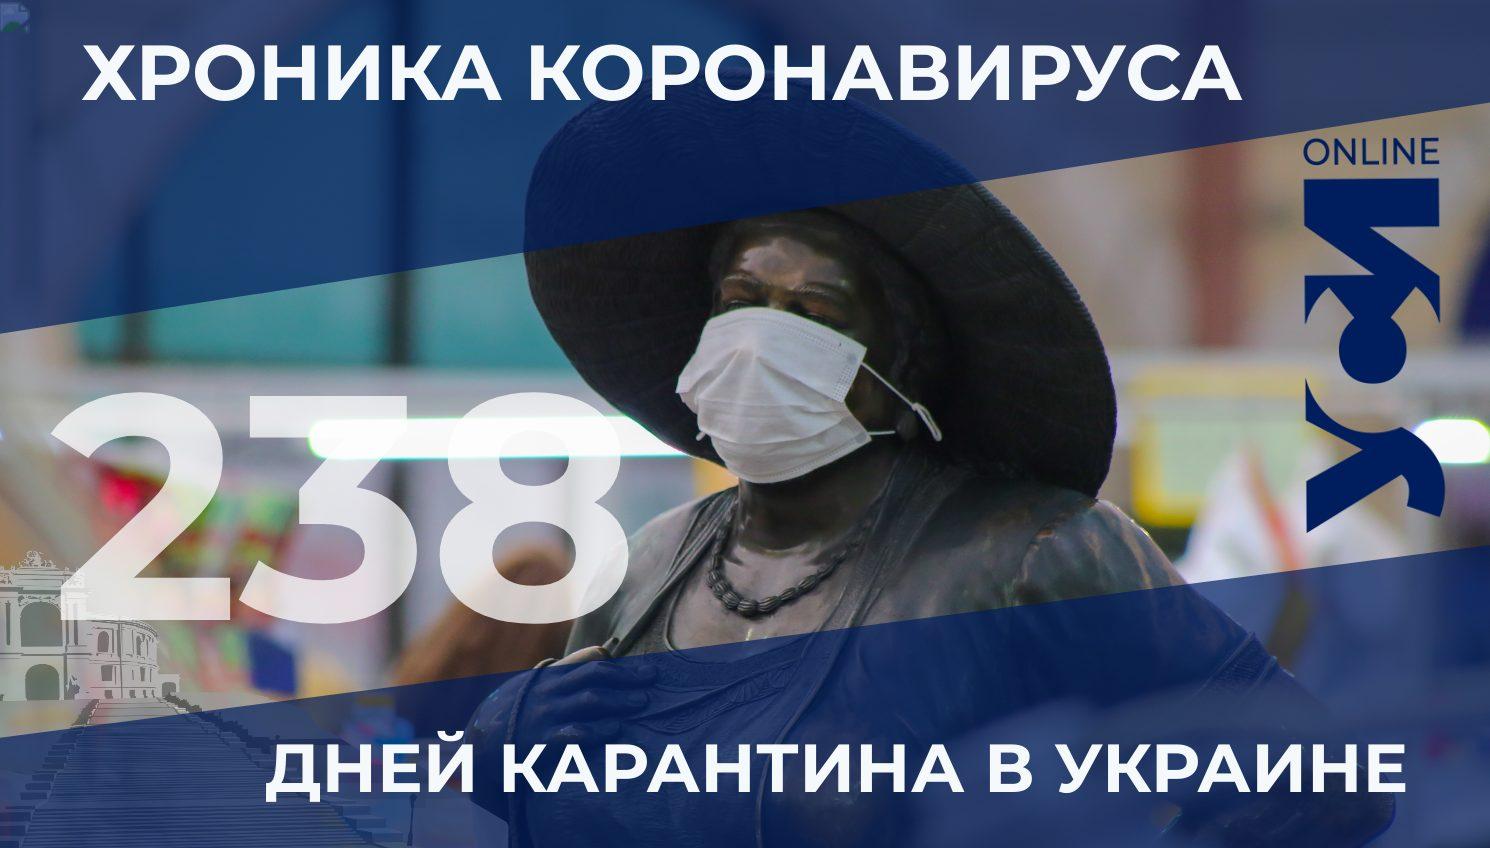 Снова антирекорд: за сутки коронавирусом заразились 9850 украинцев «фото»